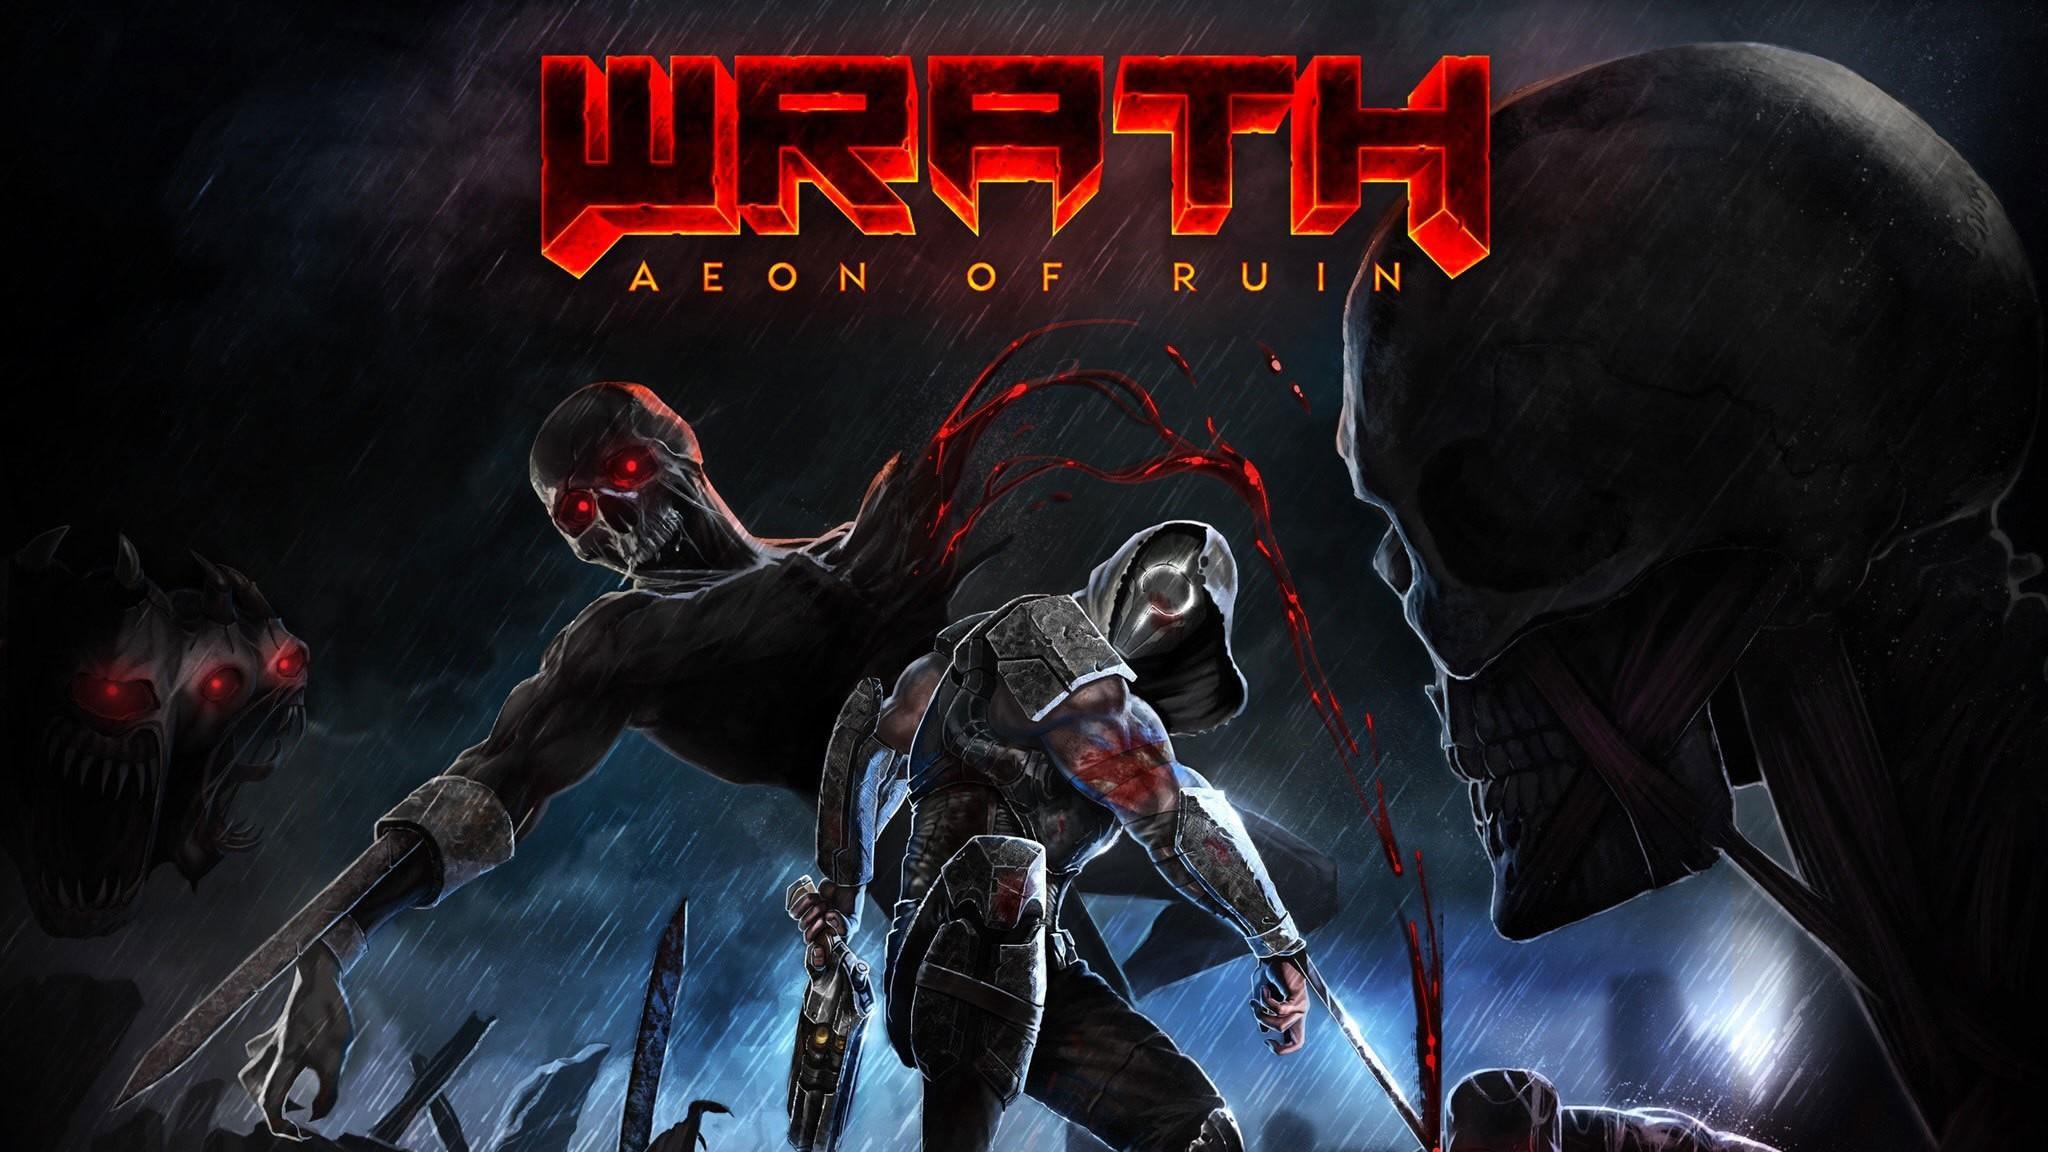 Wrath: Aeon of Ruin от 1С и 3D Realms выйдет на Nintendo Switch в феврале 2021 года 6